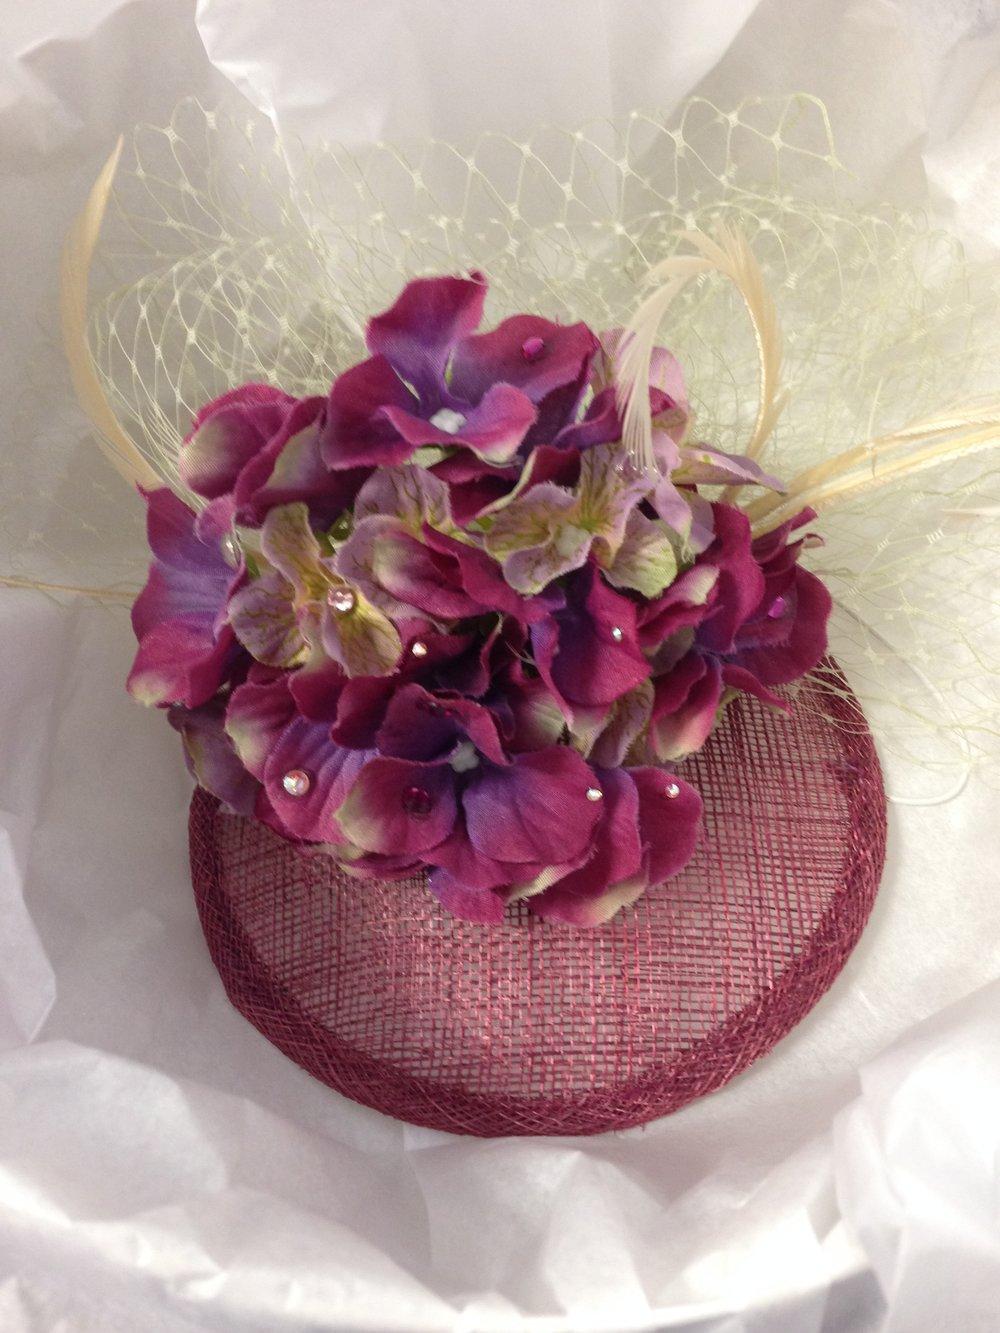 A completed Margie Trembley Chapeaux hat